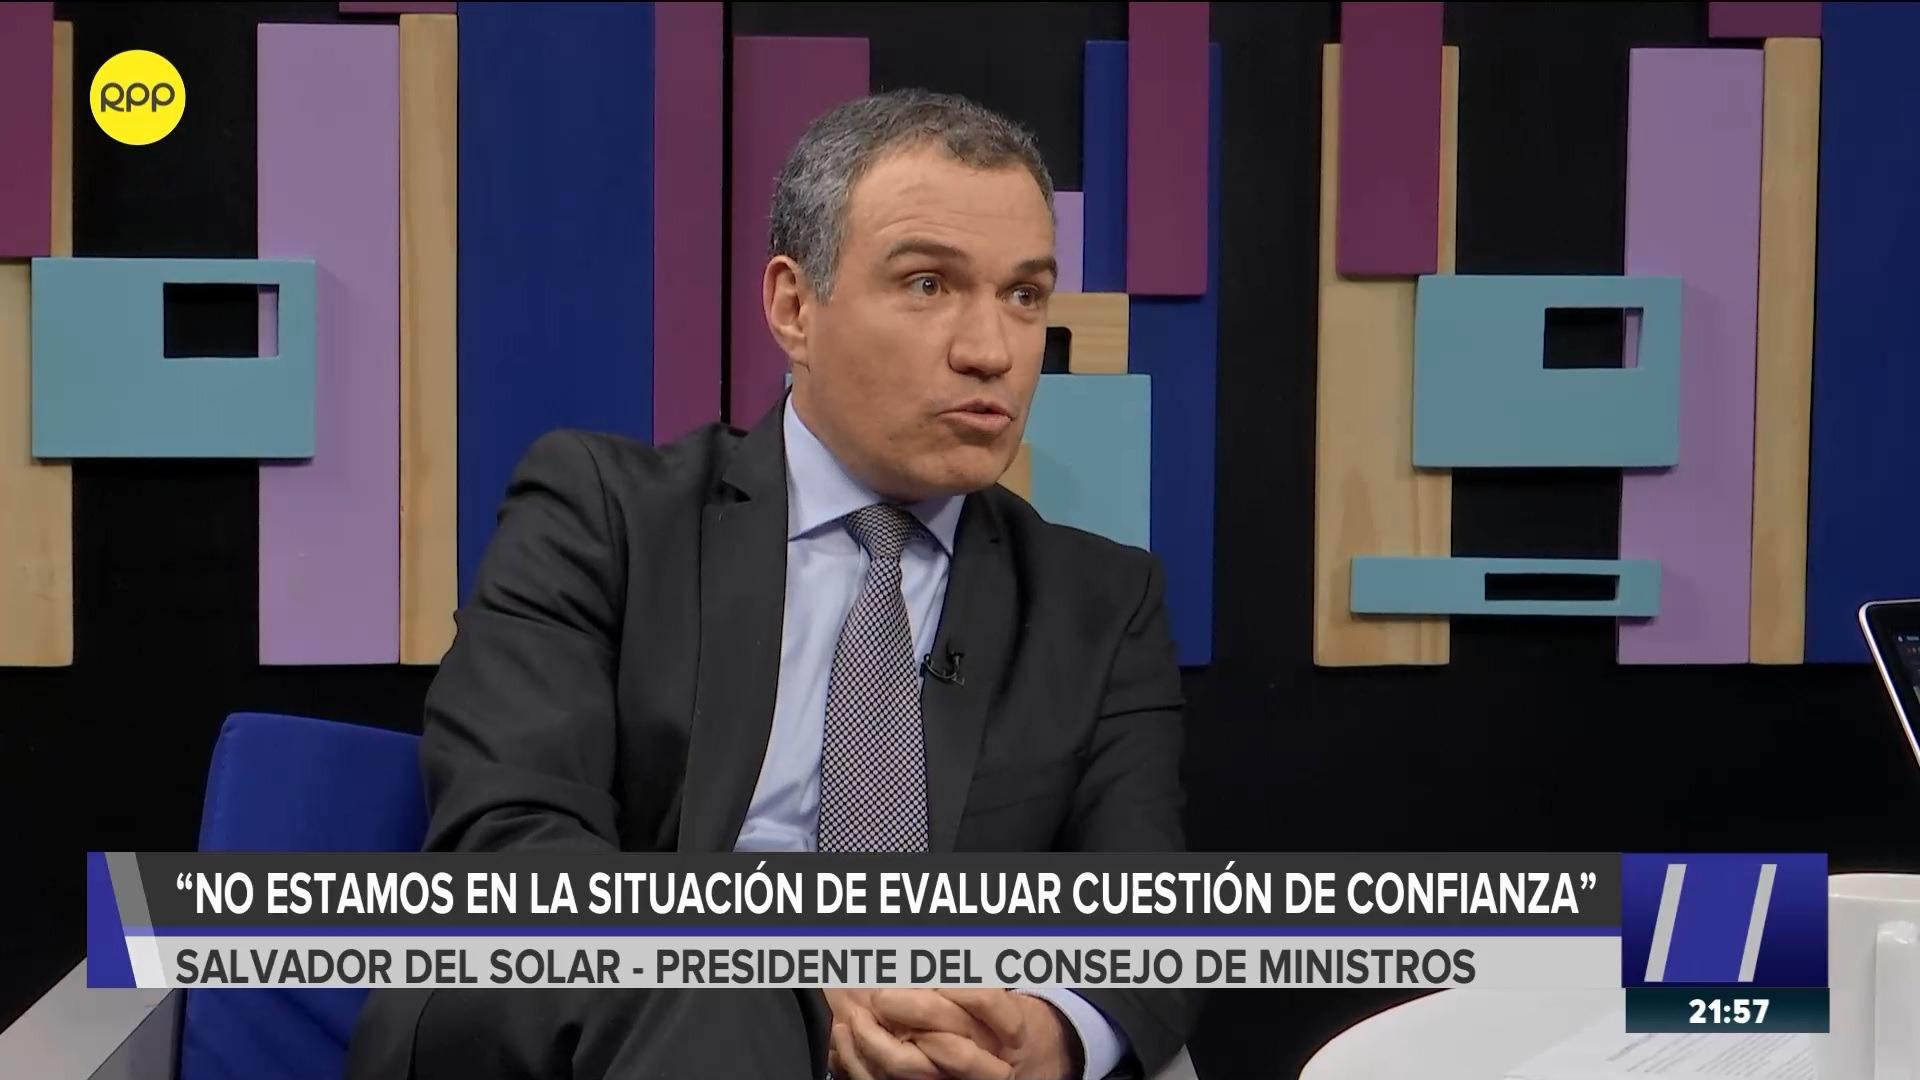 El presidente del Consejo de Ministros también defendió la visita del presidente Vizcarra al Congreso.